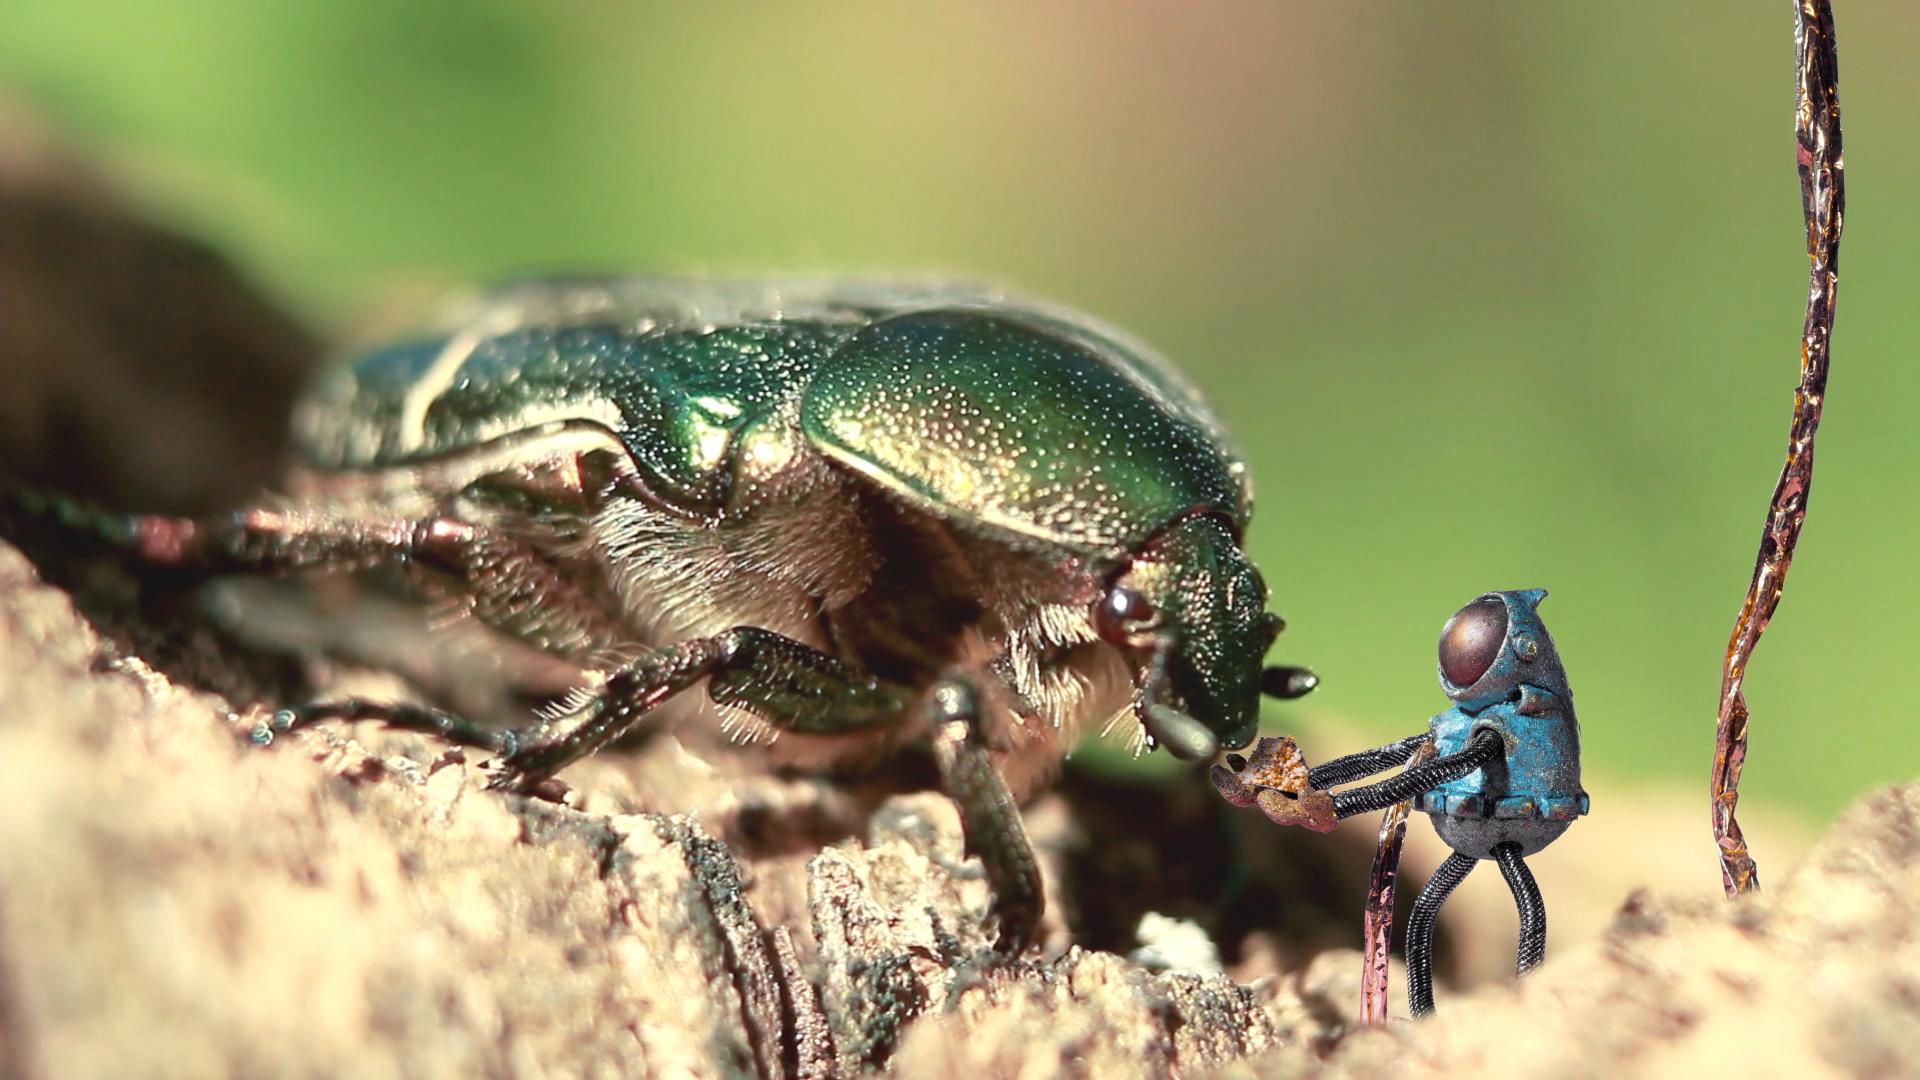 La diminuta alma del astronauta alimentando a un insecto hambriento.